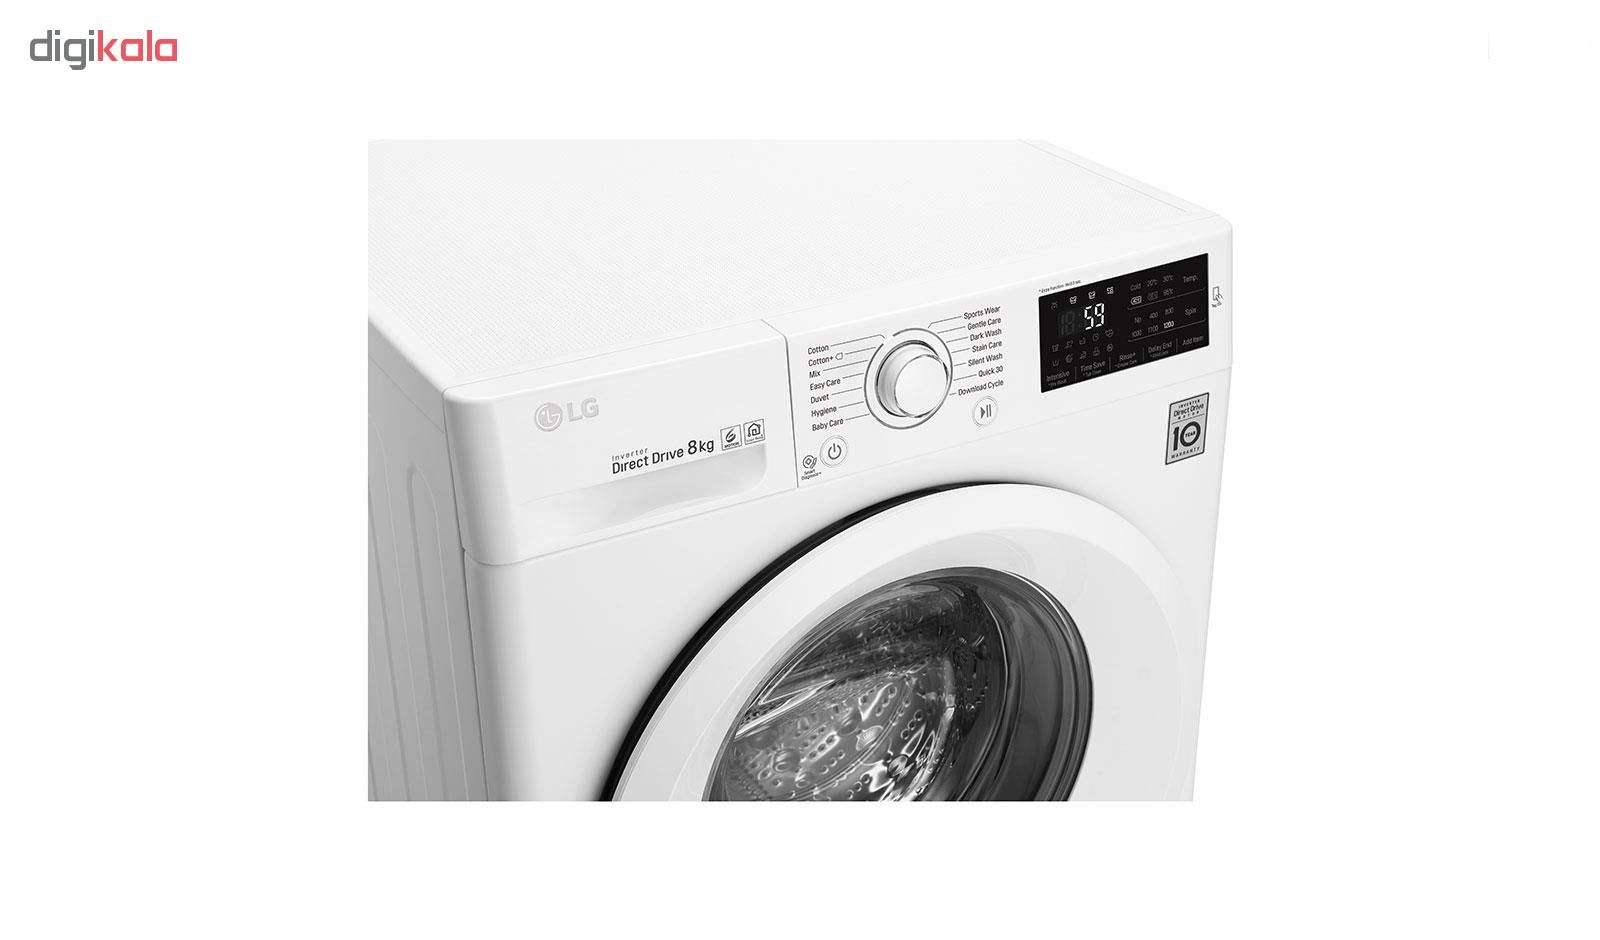 ماشین لباسشویی ال جی مدل WM-821NW ظرفیت 8 کیلوگرم thumb 3